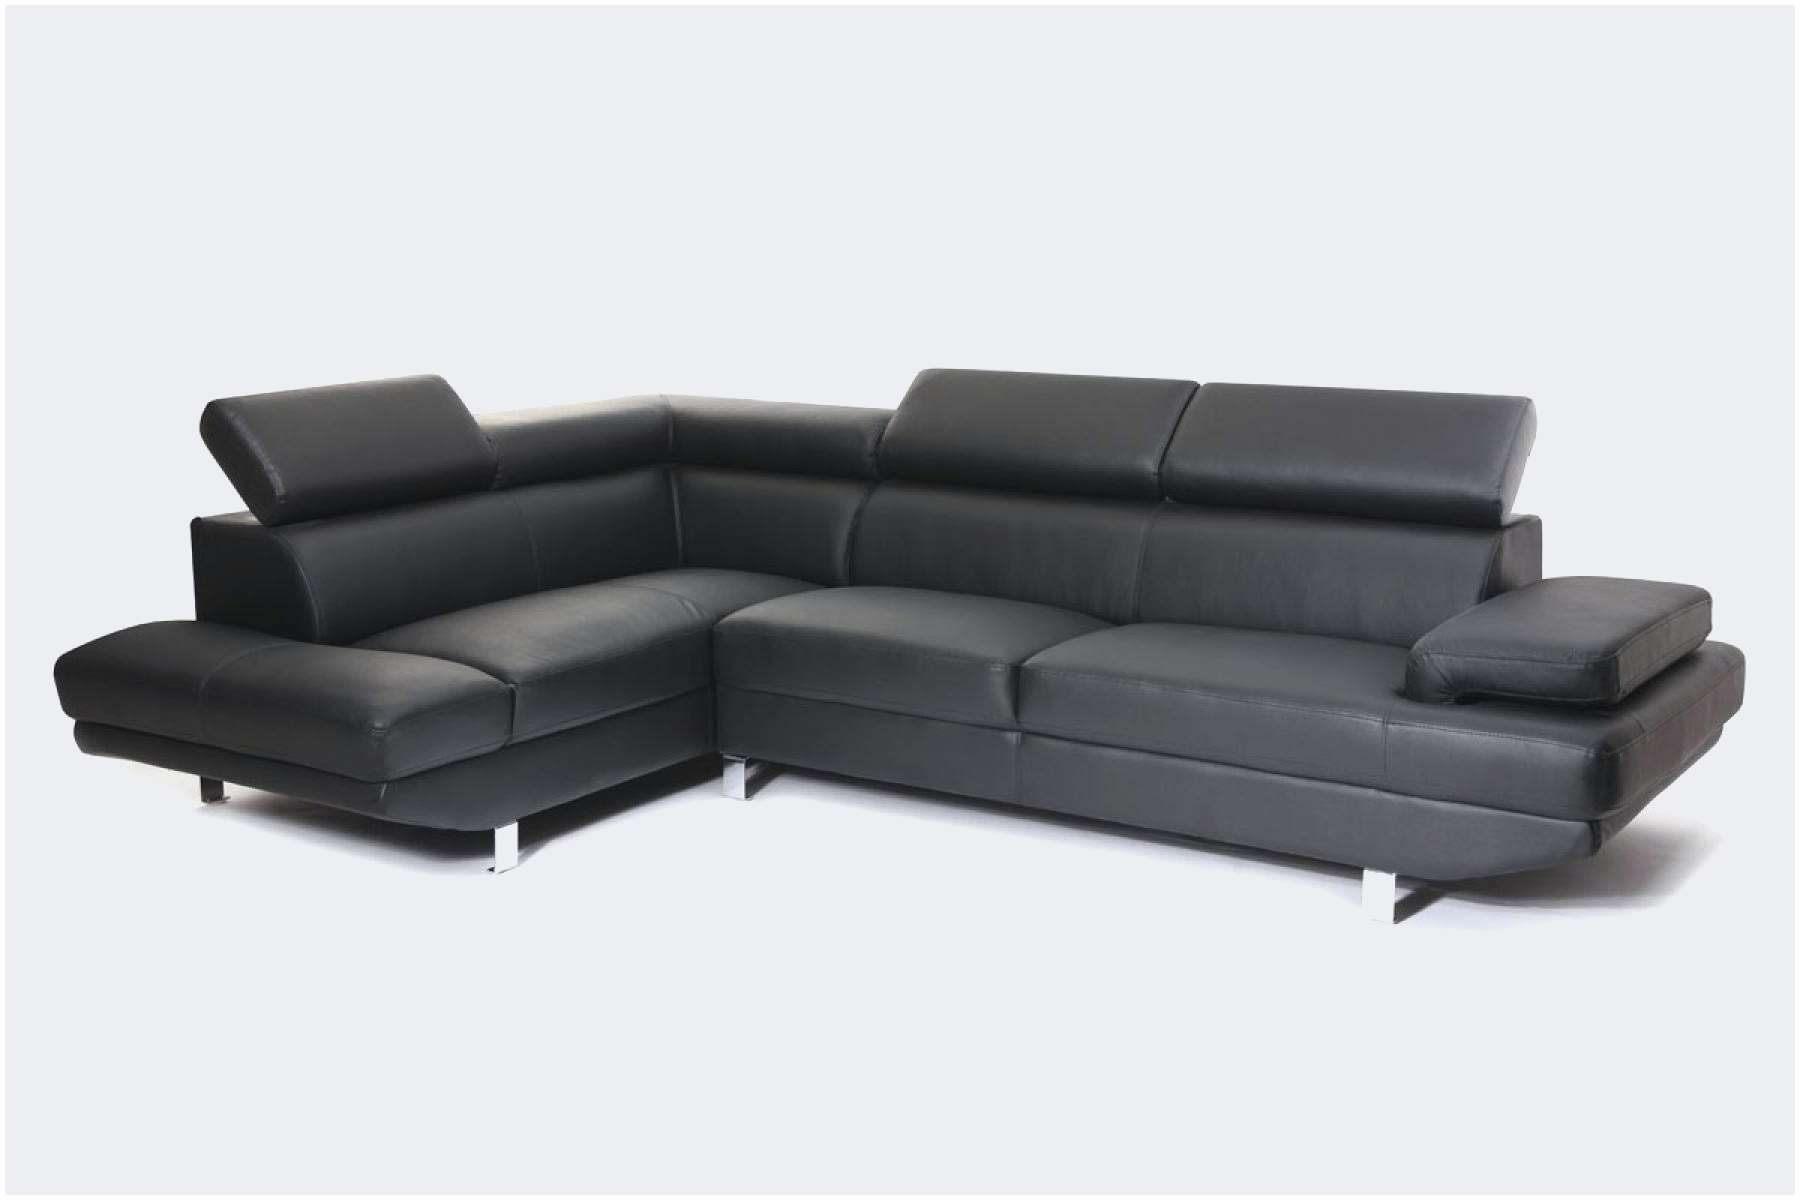 Ikea Canapé Lit Convertible Douce Le Meilleur De Le Meilleur De Et Aussi Magnifique Canapé Cuir Deux